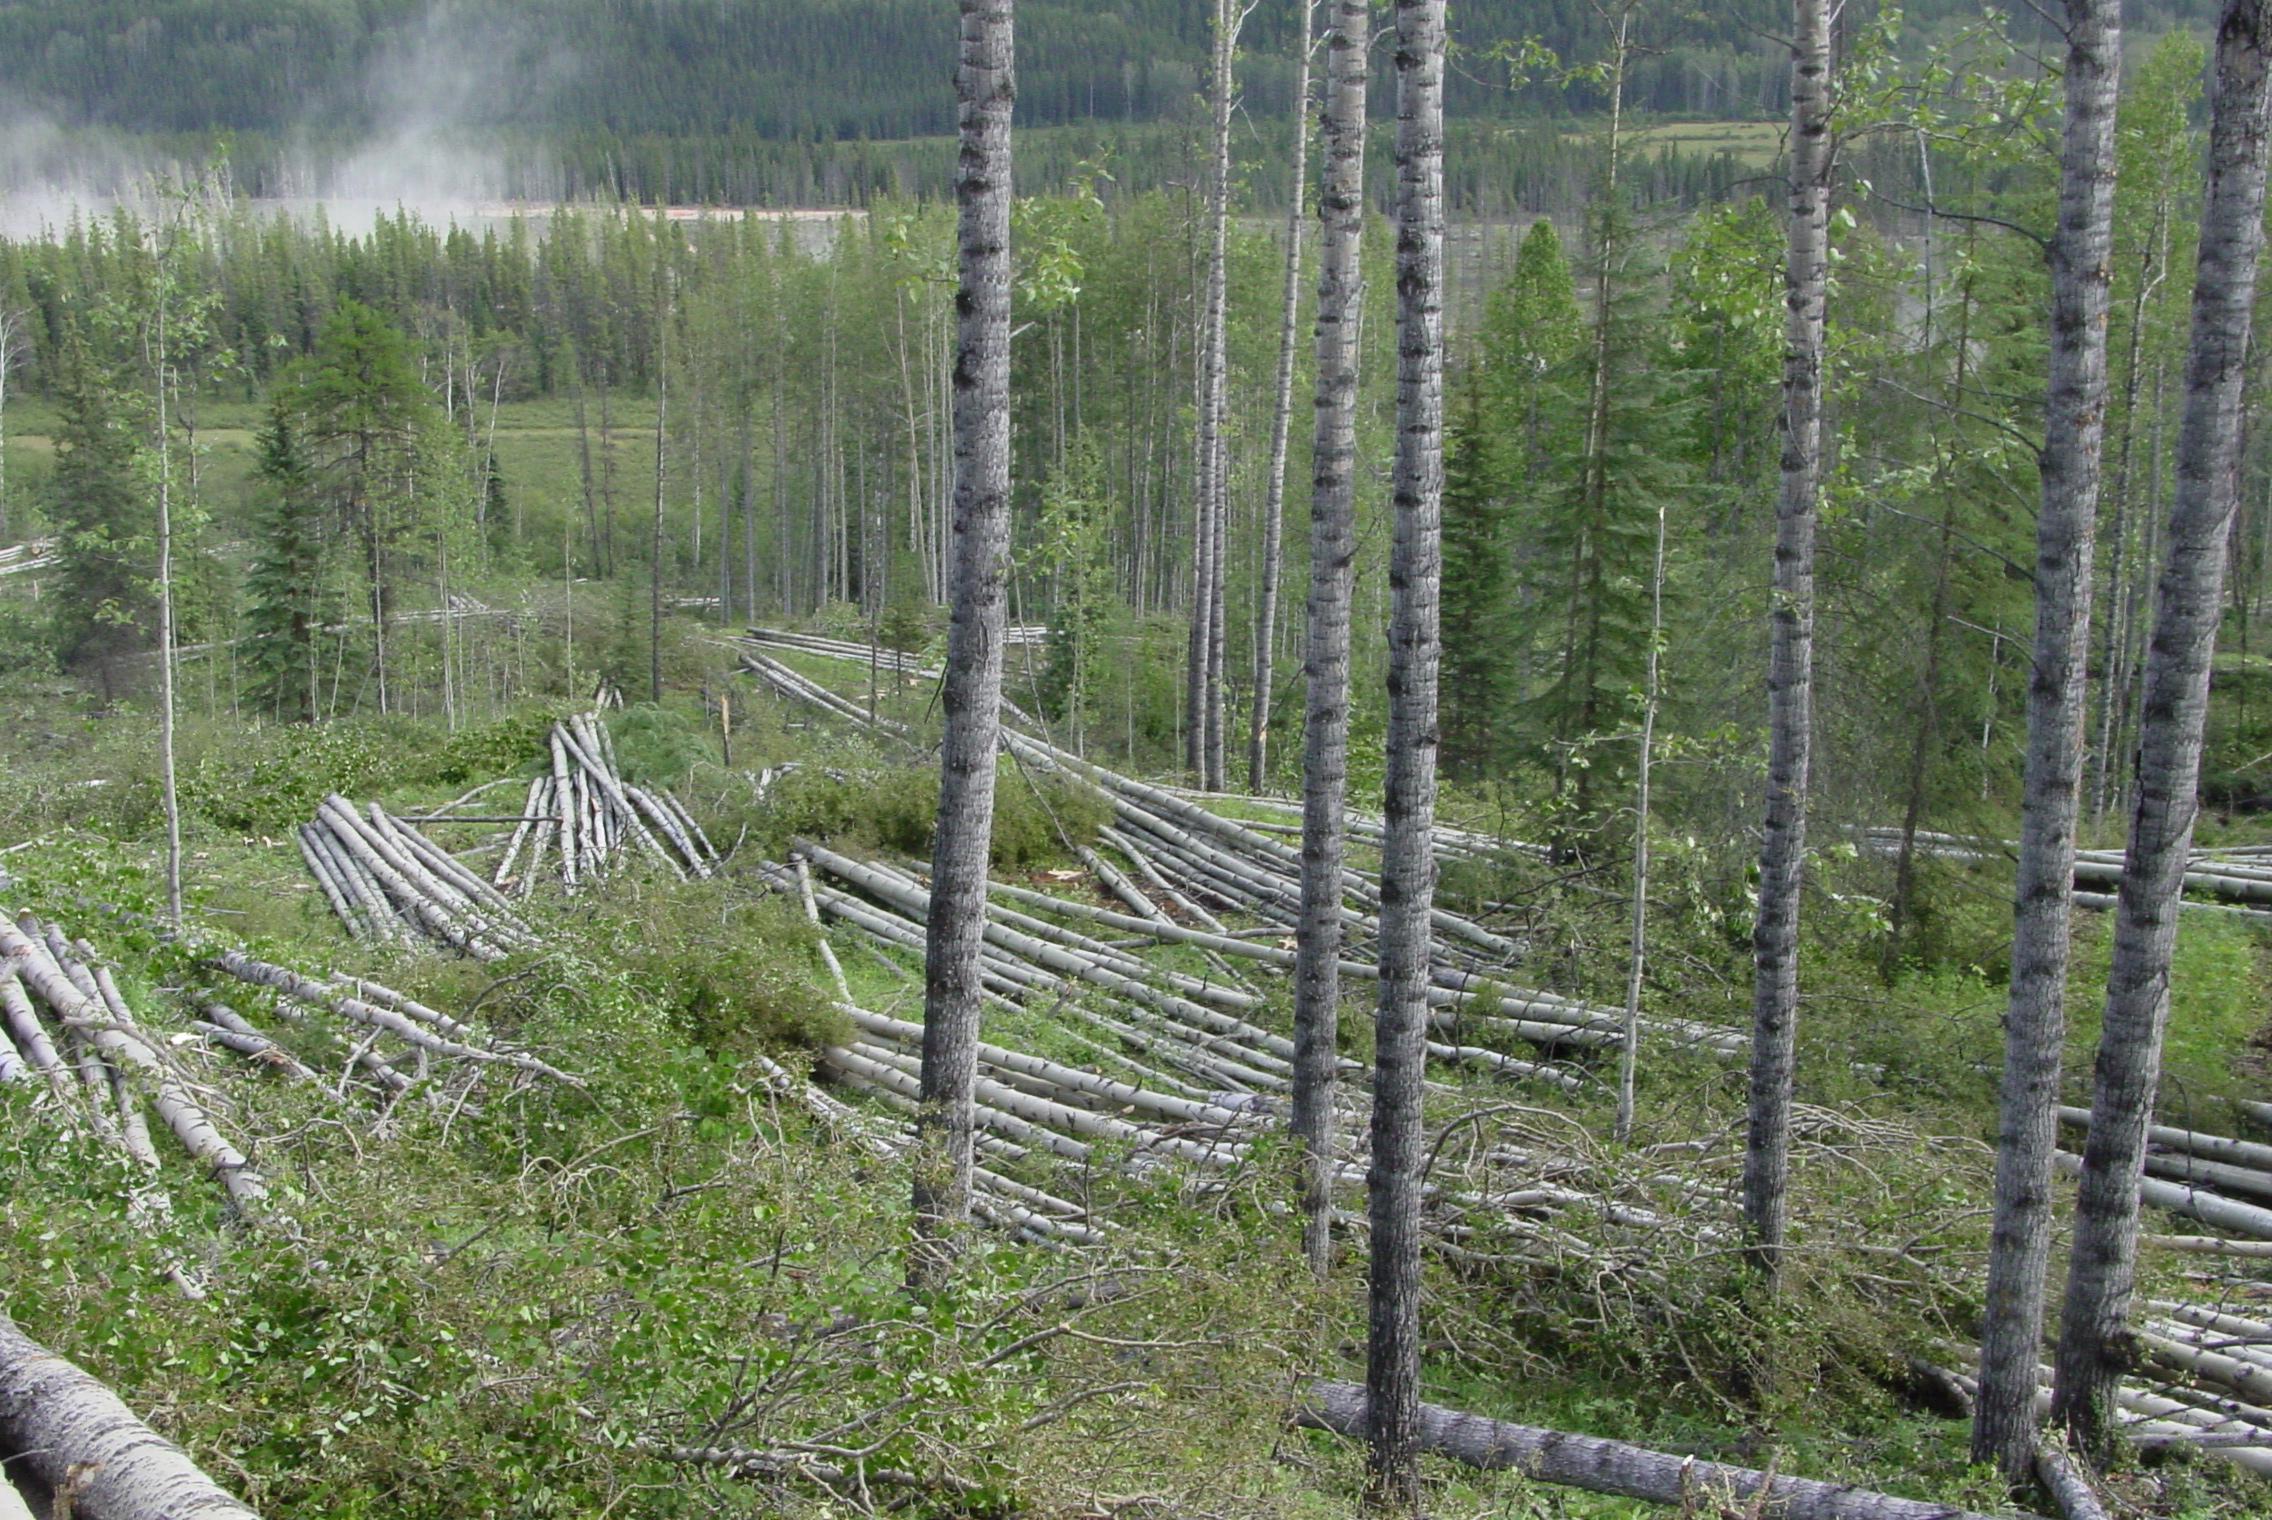 Aspen Mixedwood Biodiversity Project